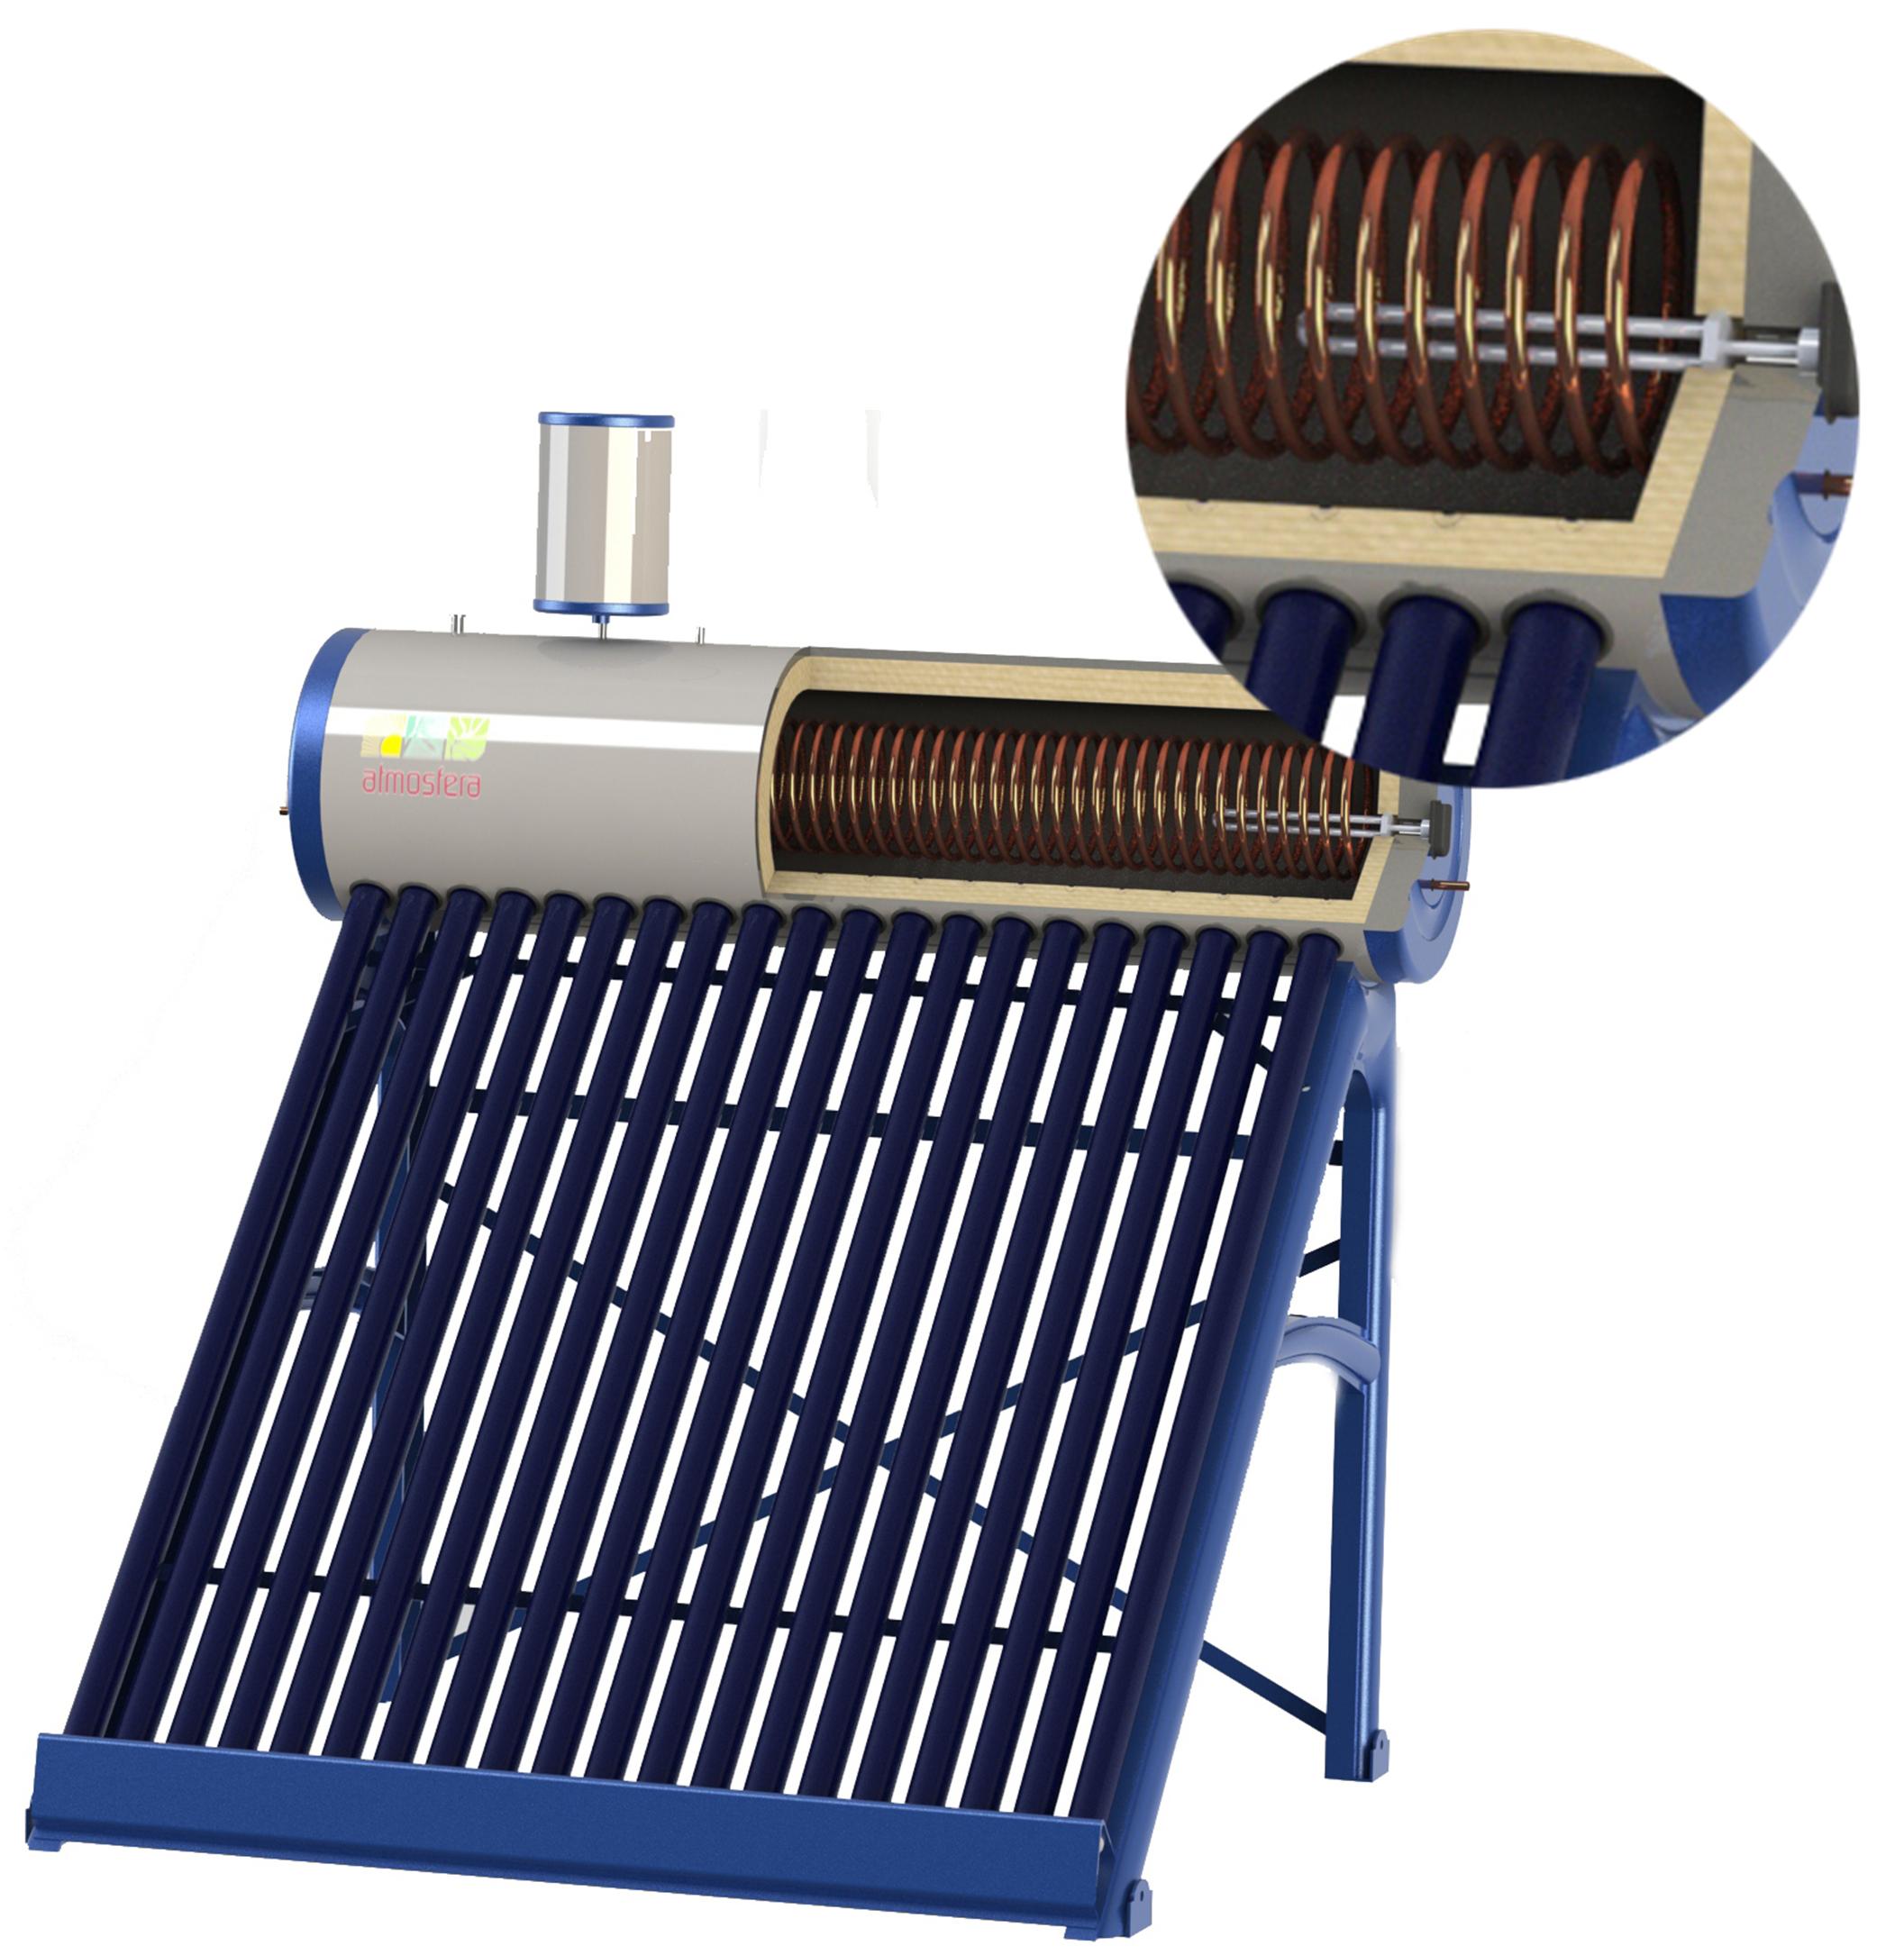 Теплообменник для солнечных коллекторов Кожухотрубный испаритель ONDA LPE 230 Дербент